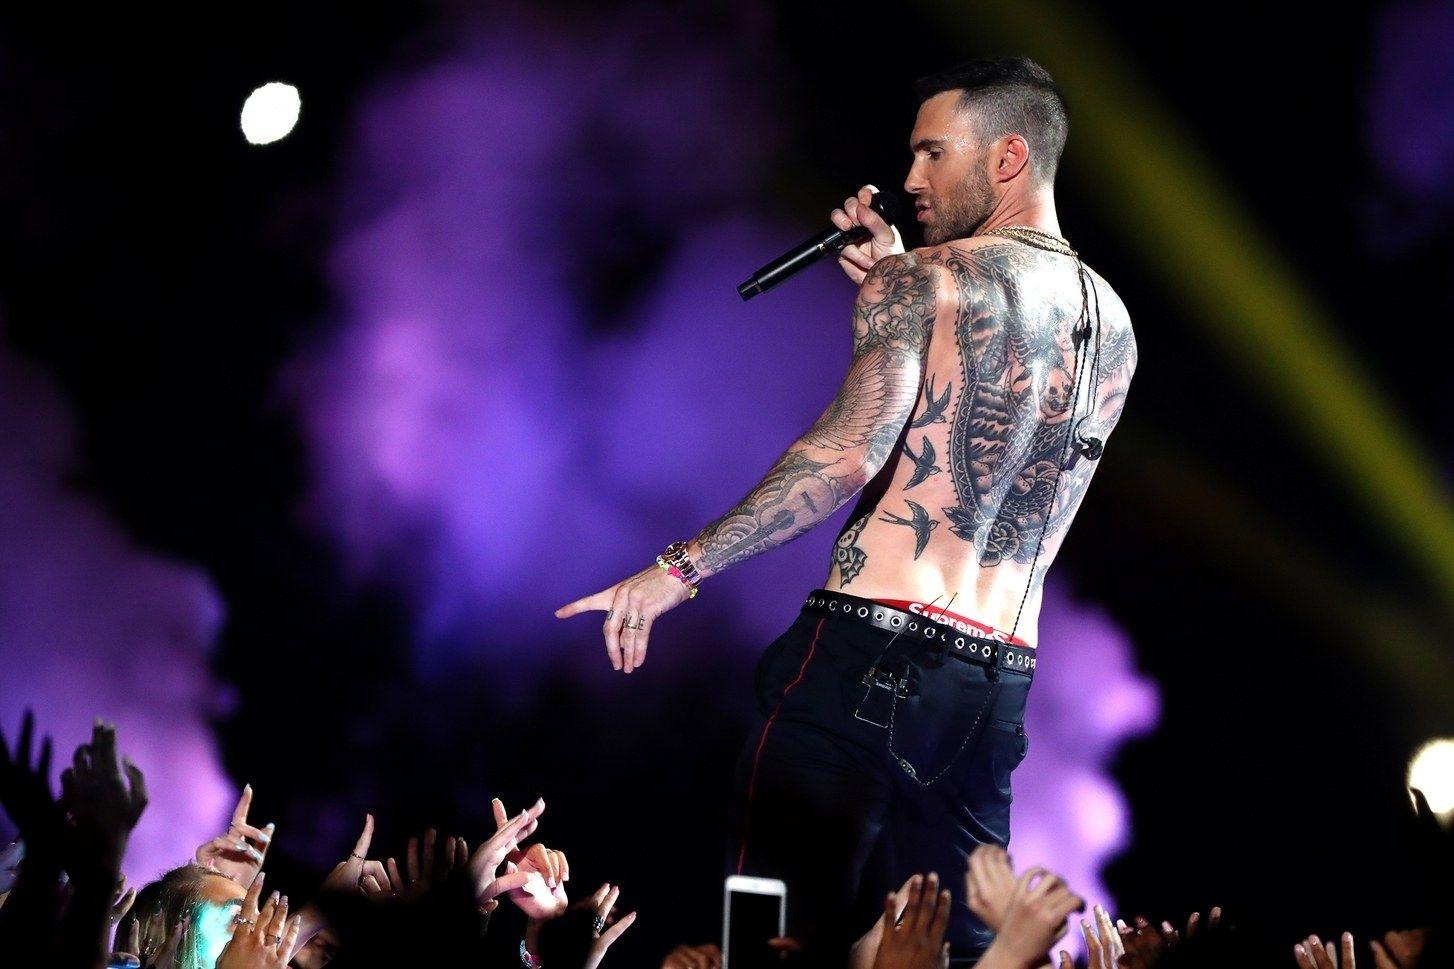 Pin On Maroon 5 pertaining to Maroon 5 Travis Scott